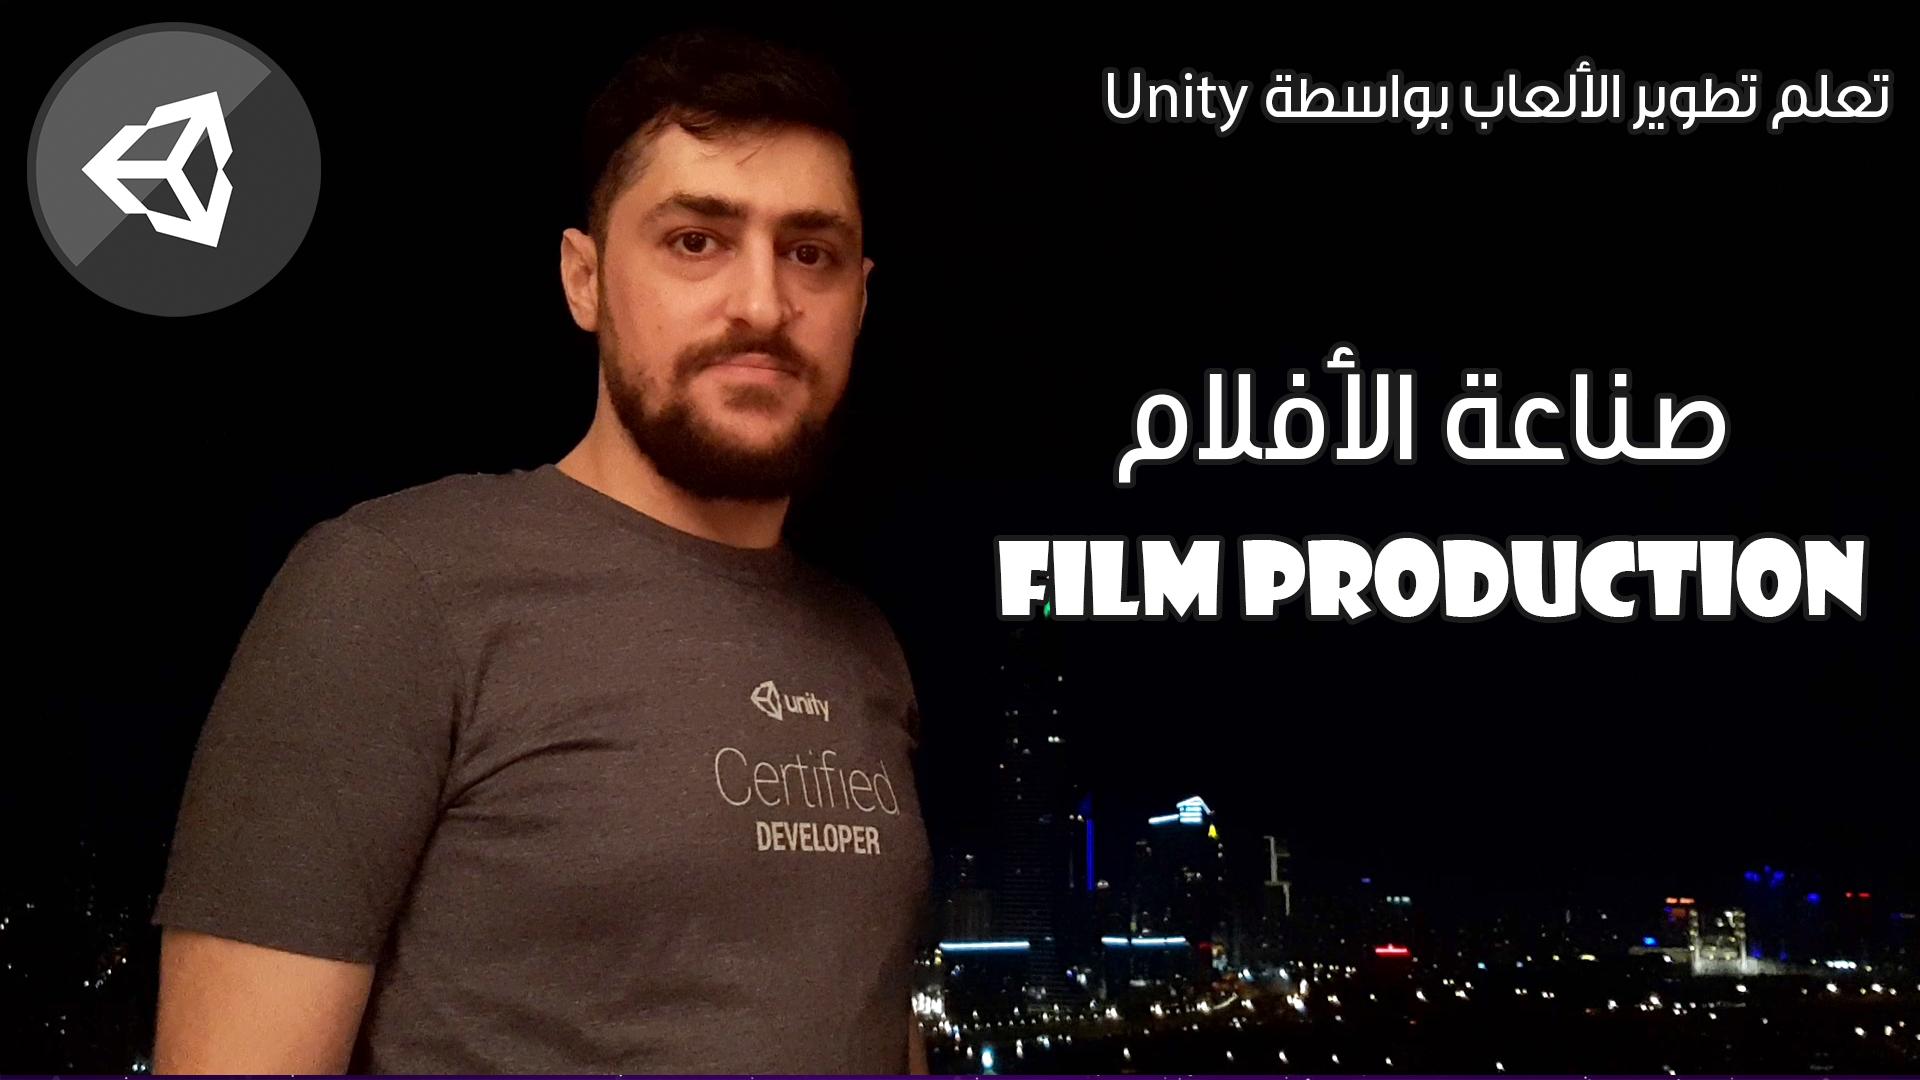 unity   طوّرنِي